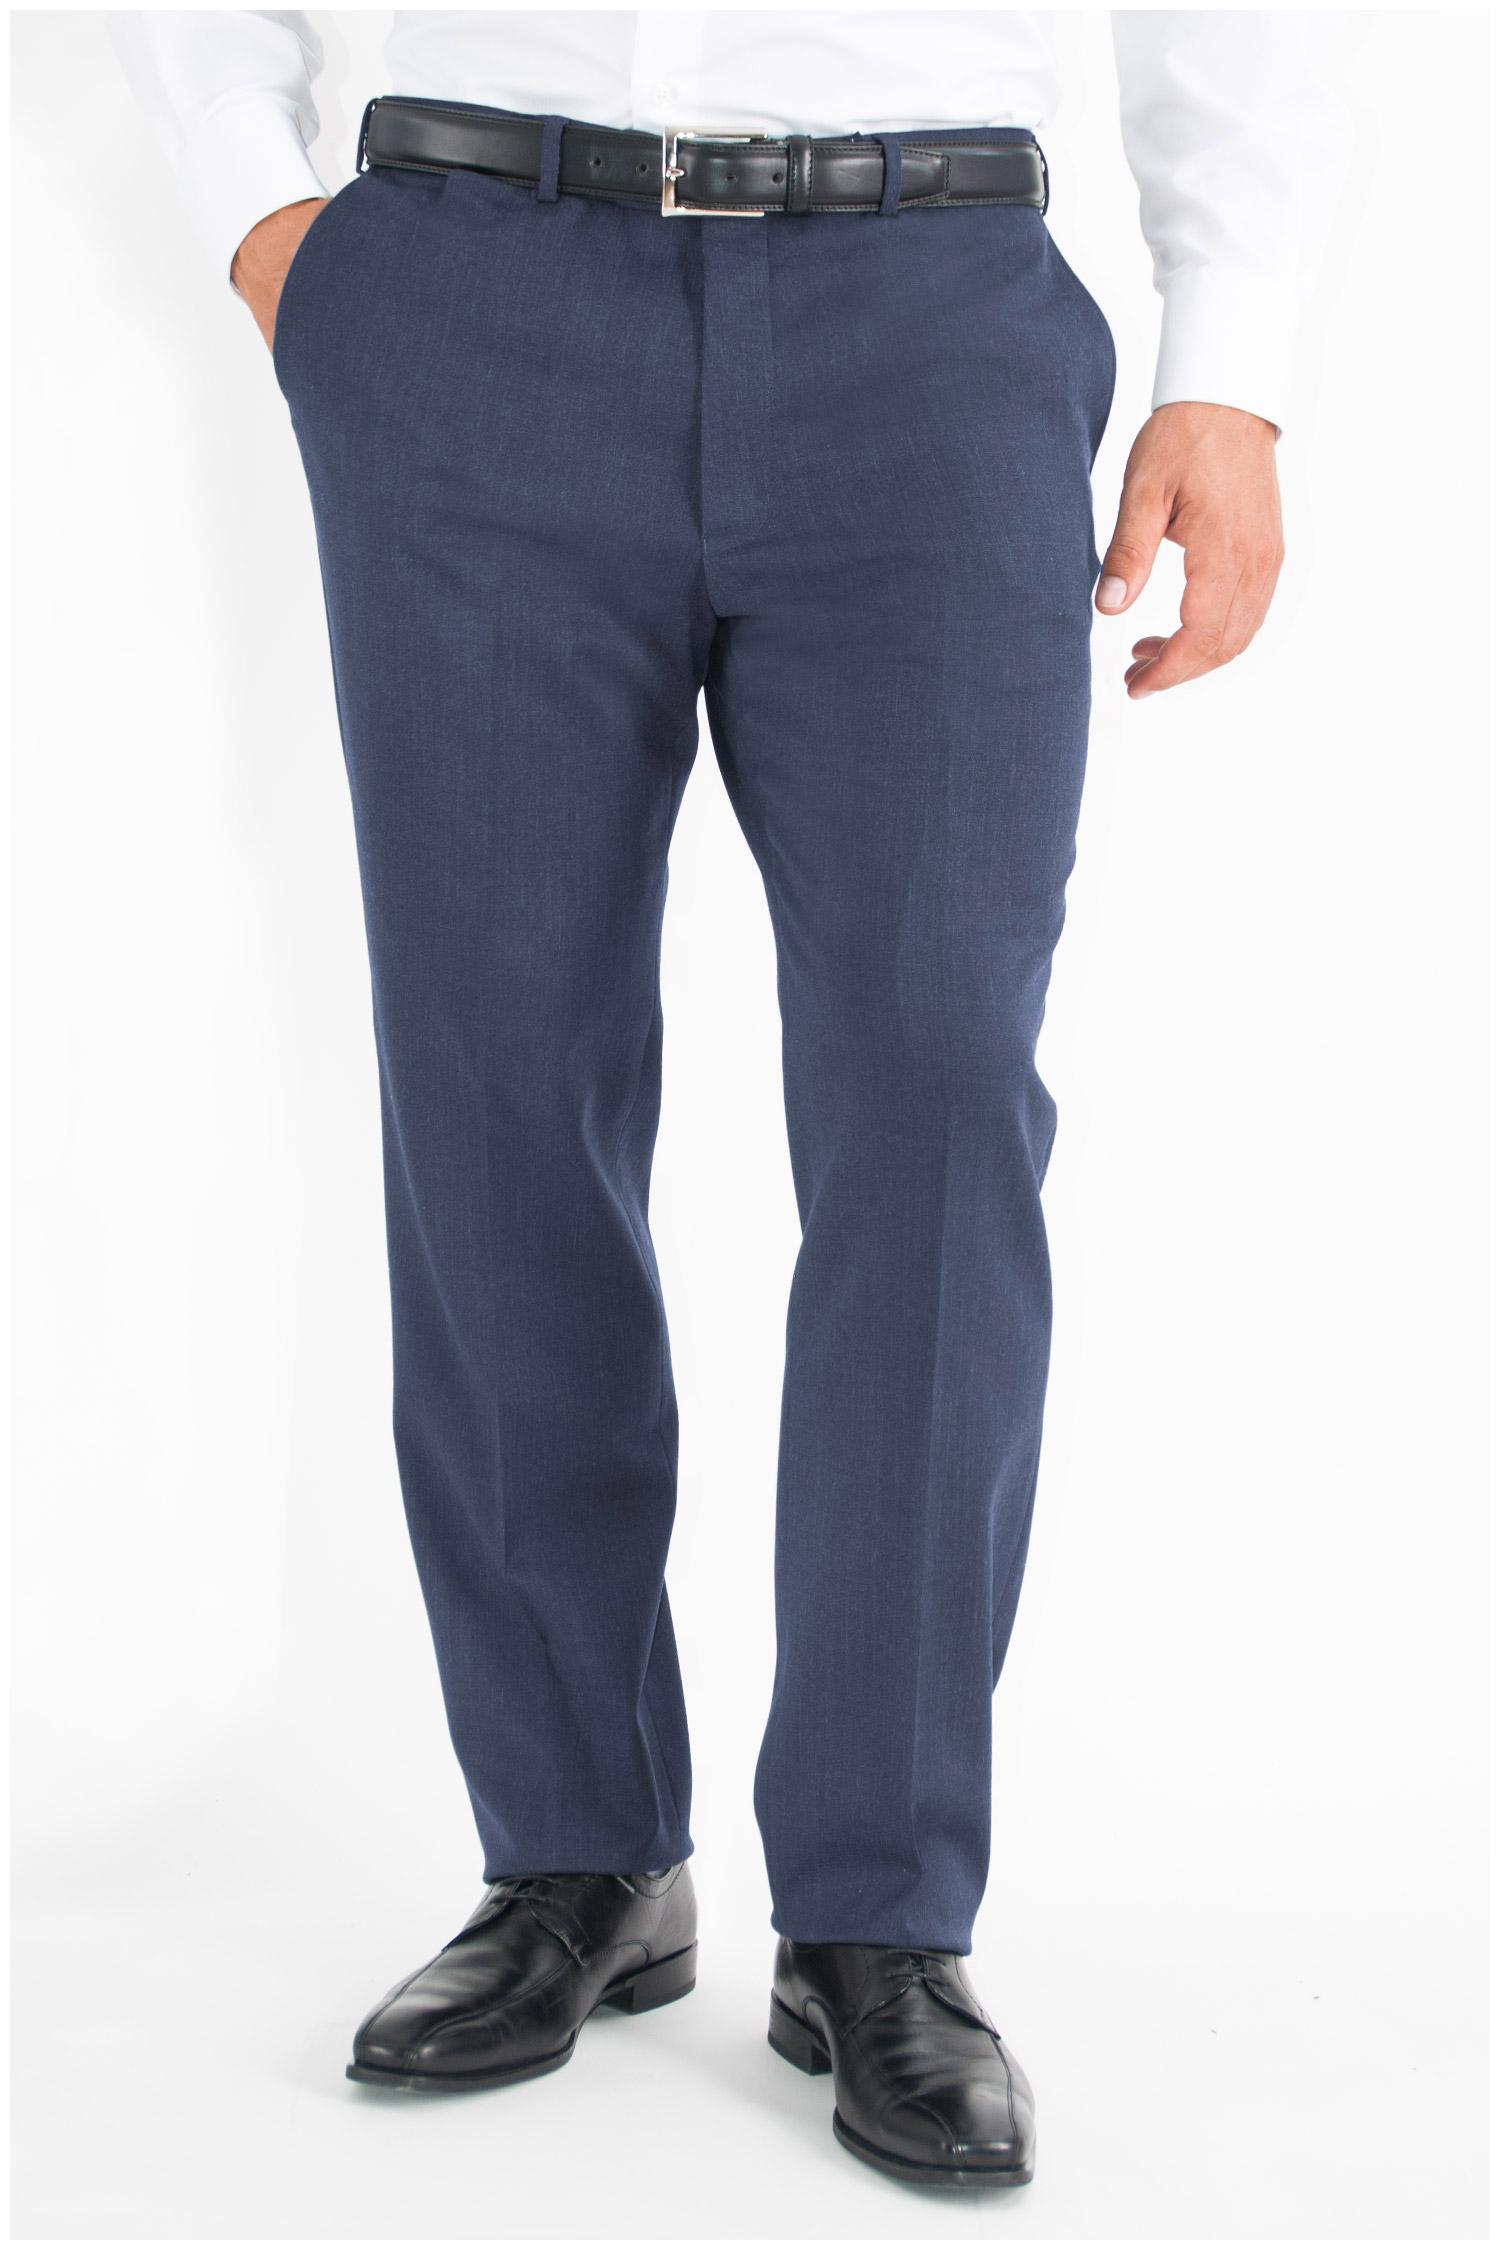 Pantalones De Vestir Tallas Grandes Hombre Ref 107903